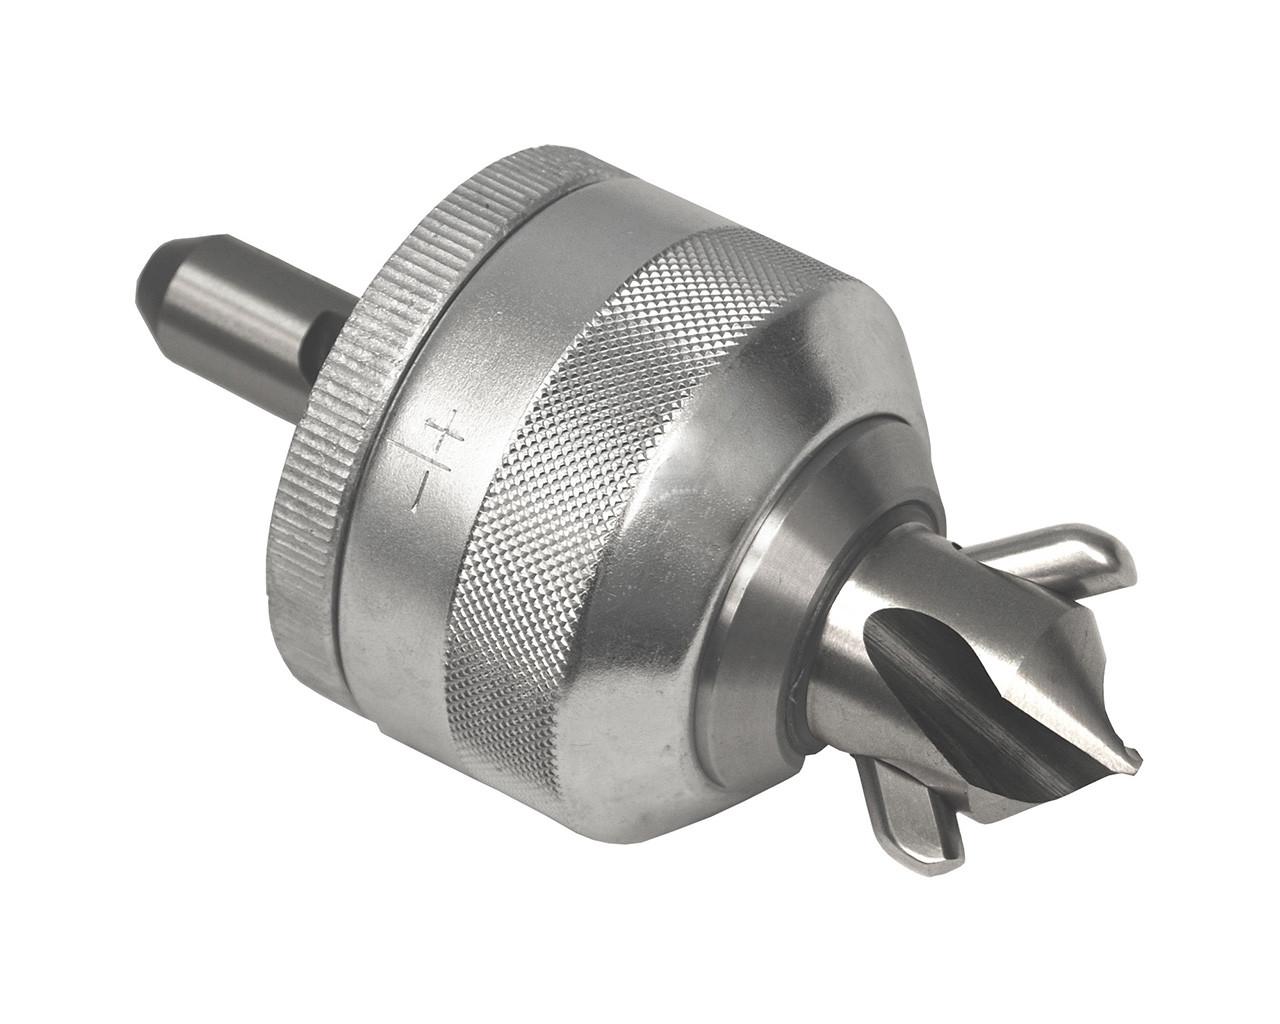 T-Drill Головка для вытяжки на медных трубах горловин диаметром 28 мм (1.1/8'')